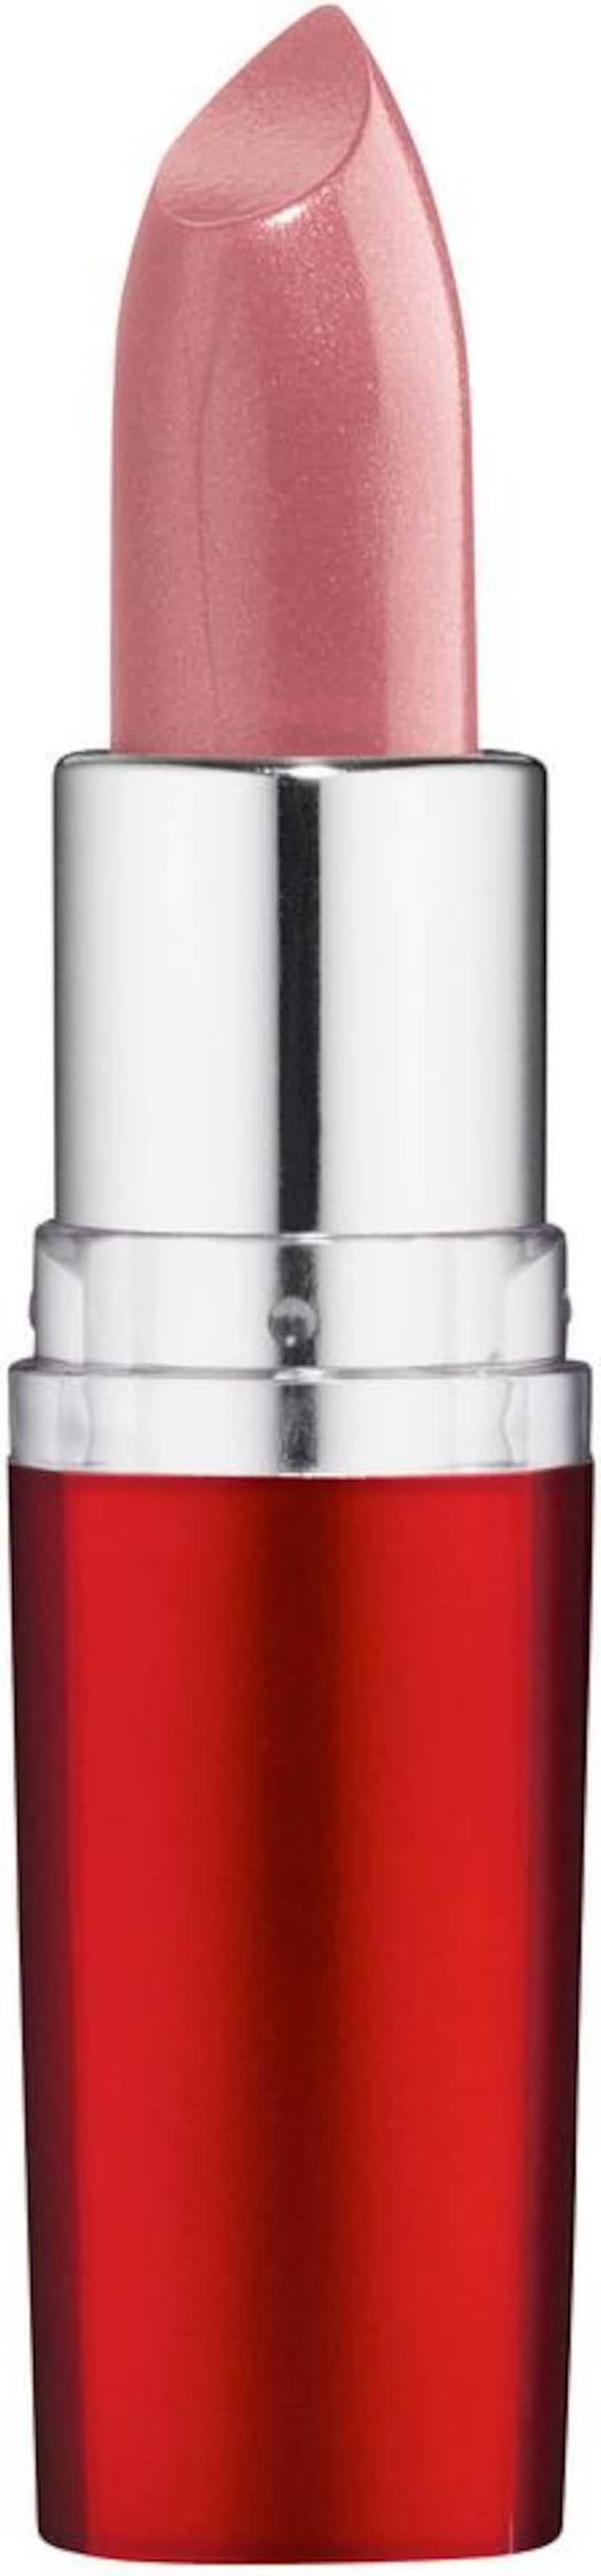 MAYBELLINE New York 'Lippenstift Moisture Extreme Nude', Lippenstift